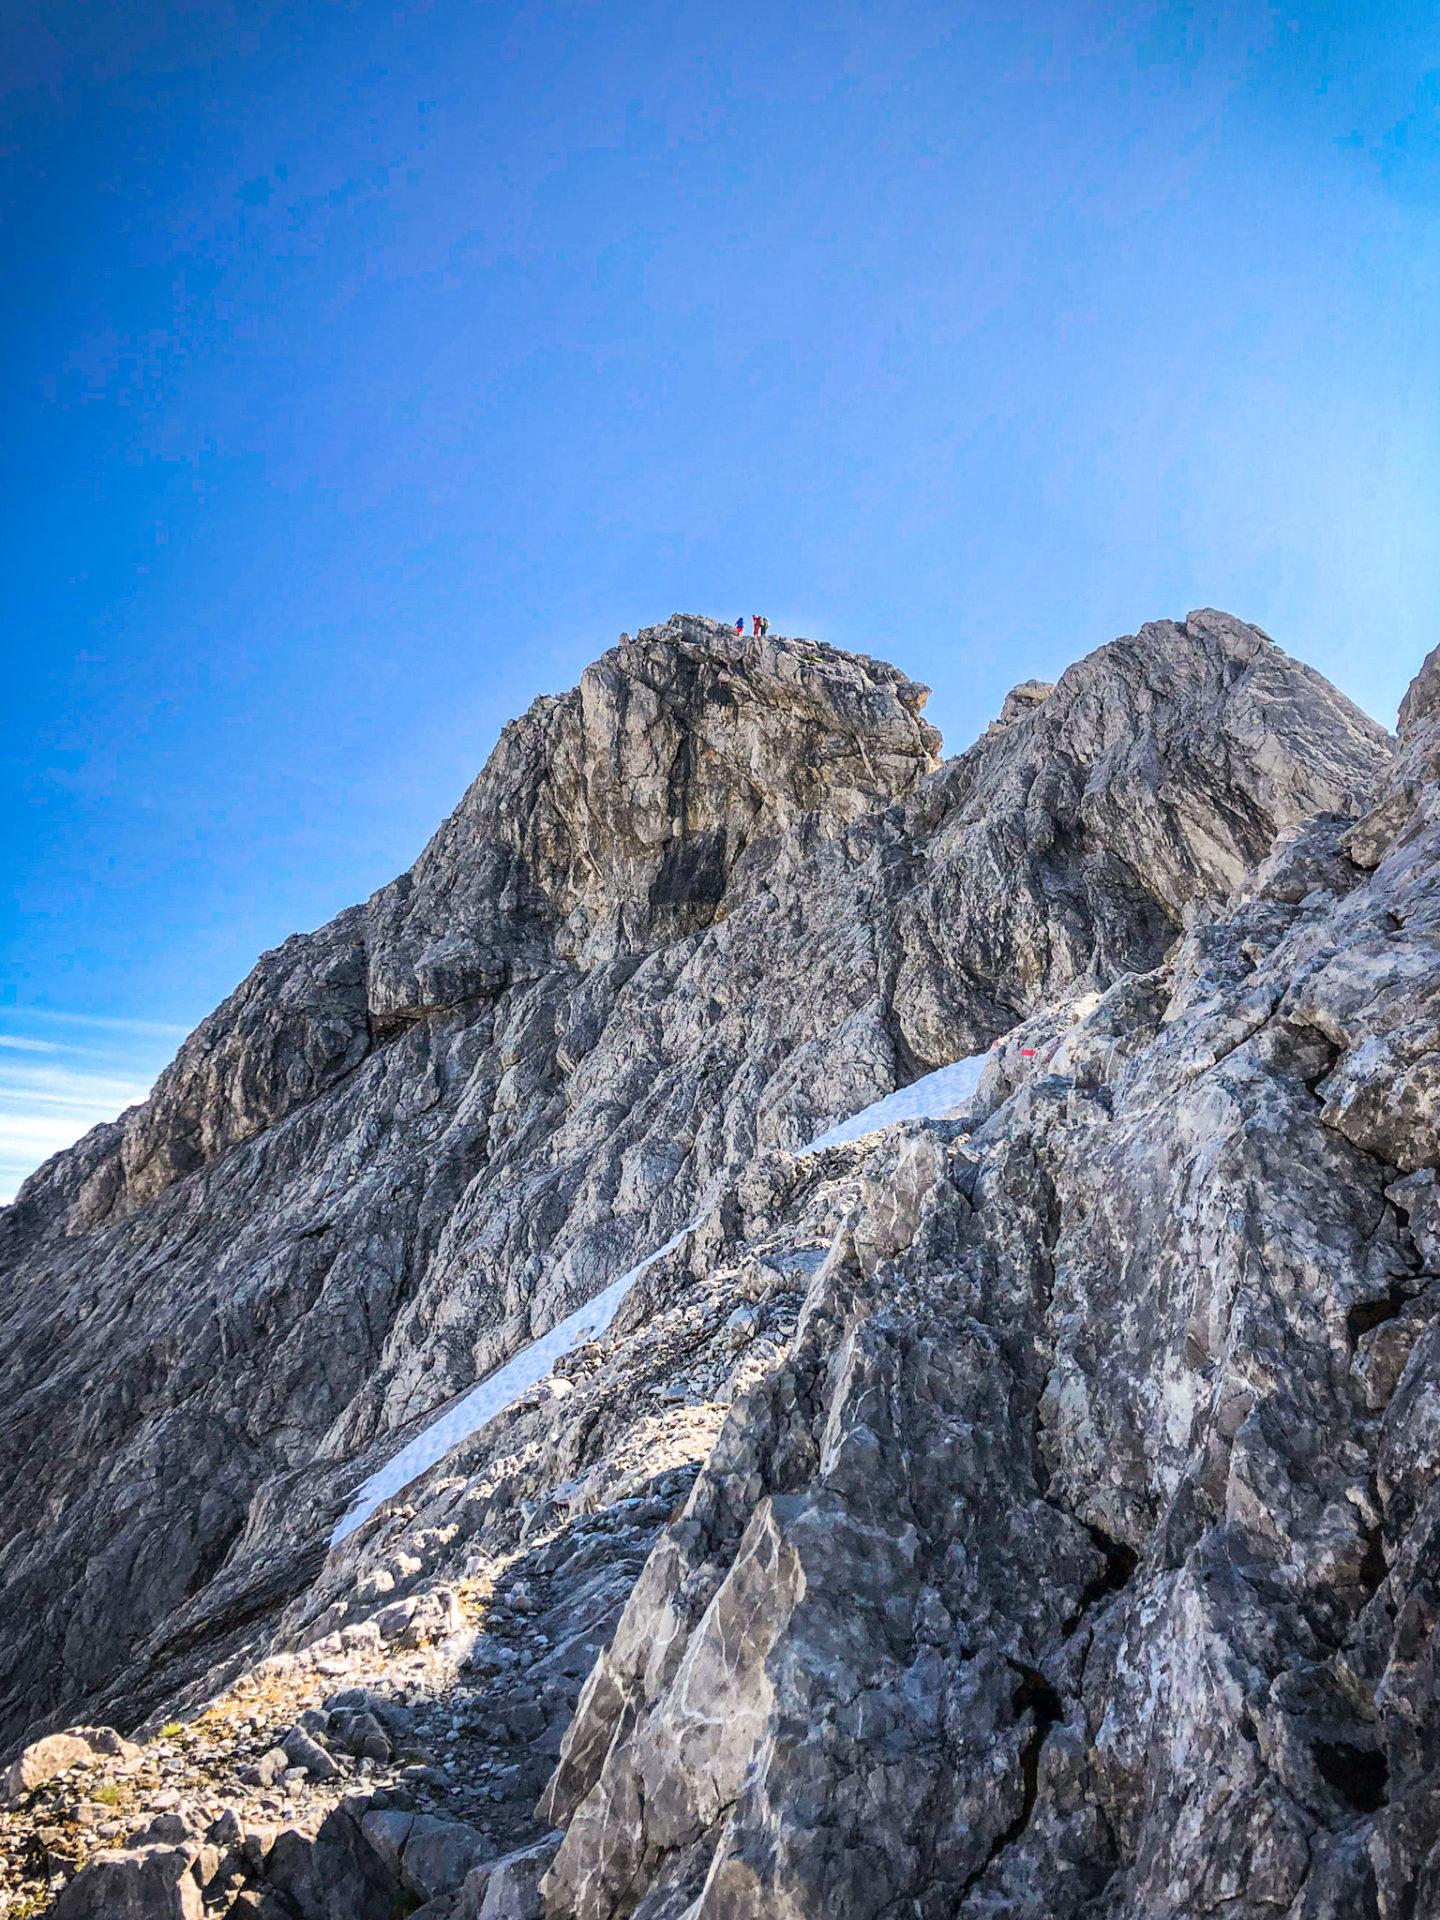 Paysage des Alpes d'Allgäu en Bavière